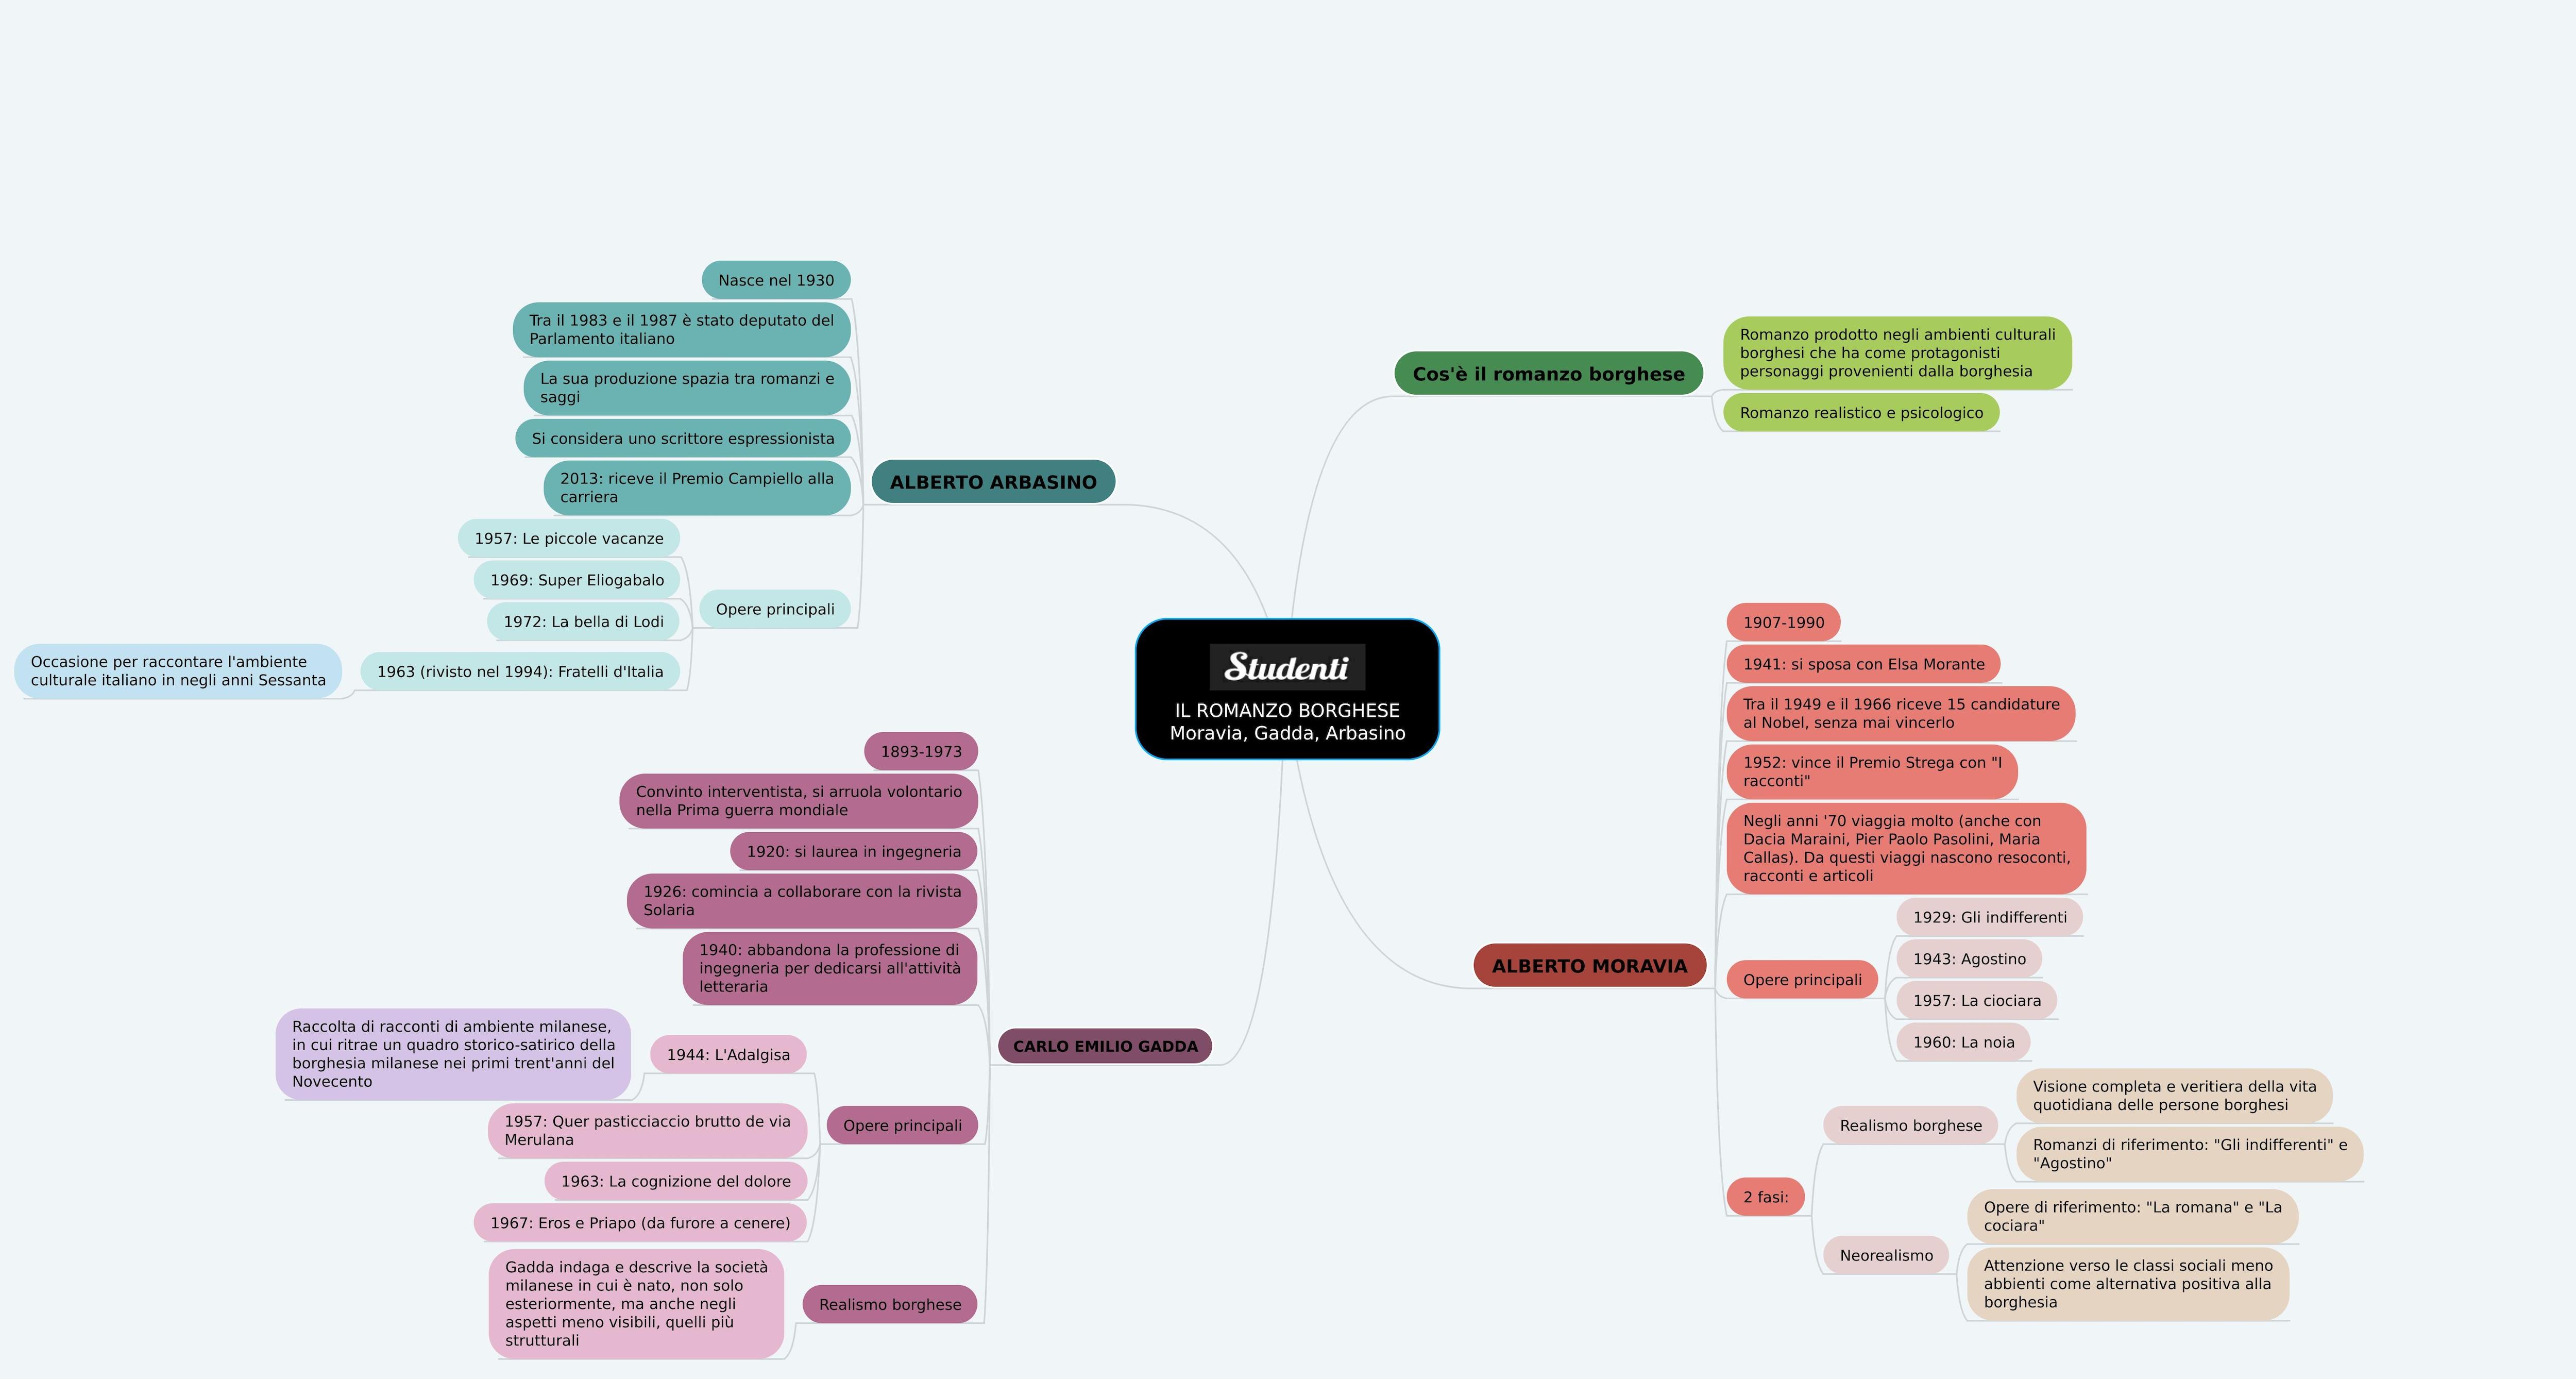 Mappa concettuale sul romanzo borghese